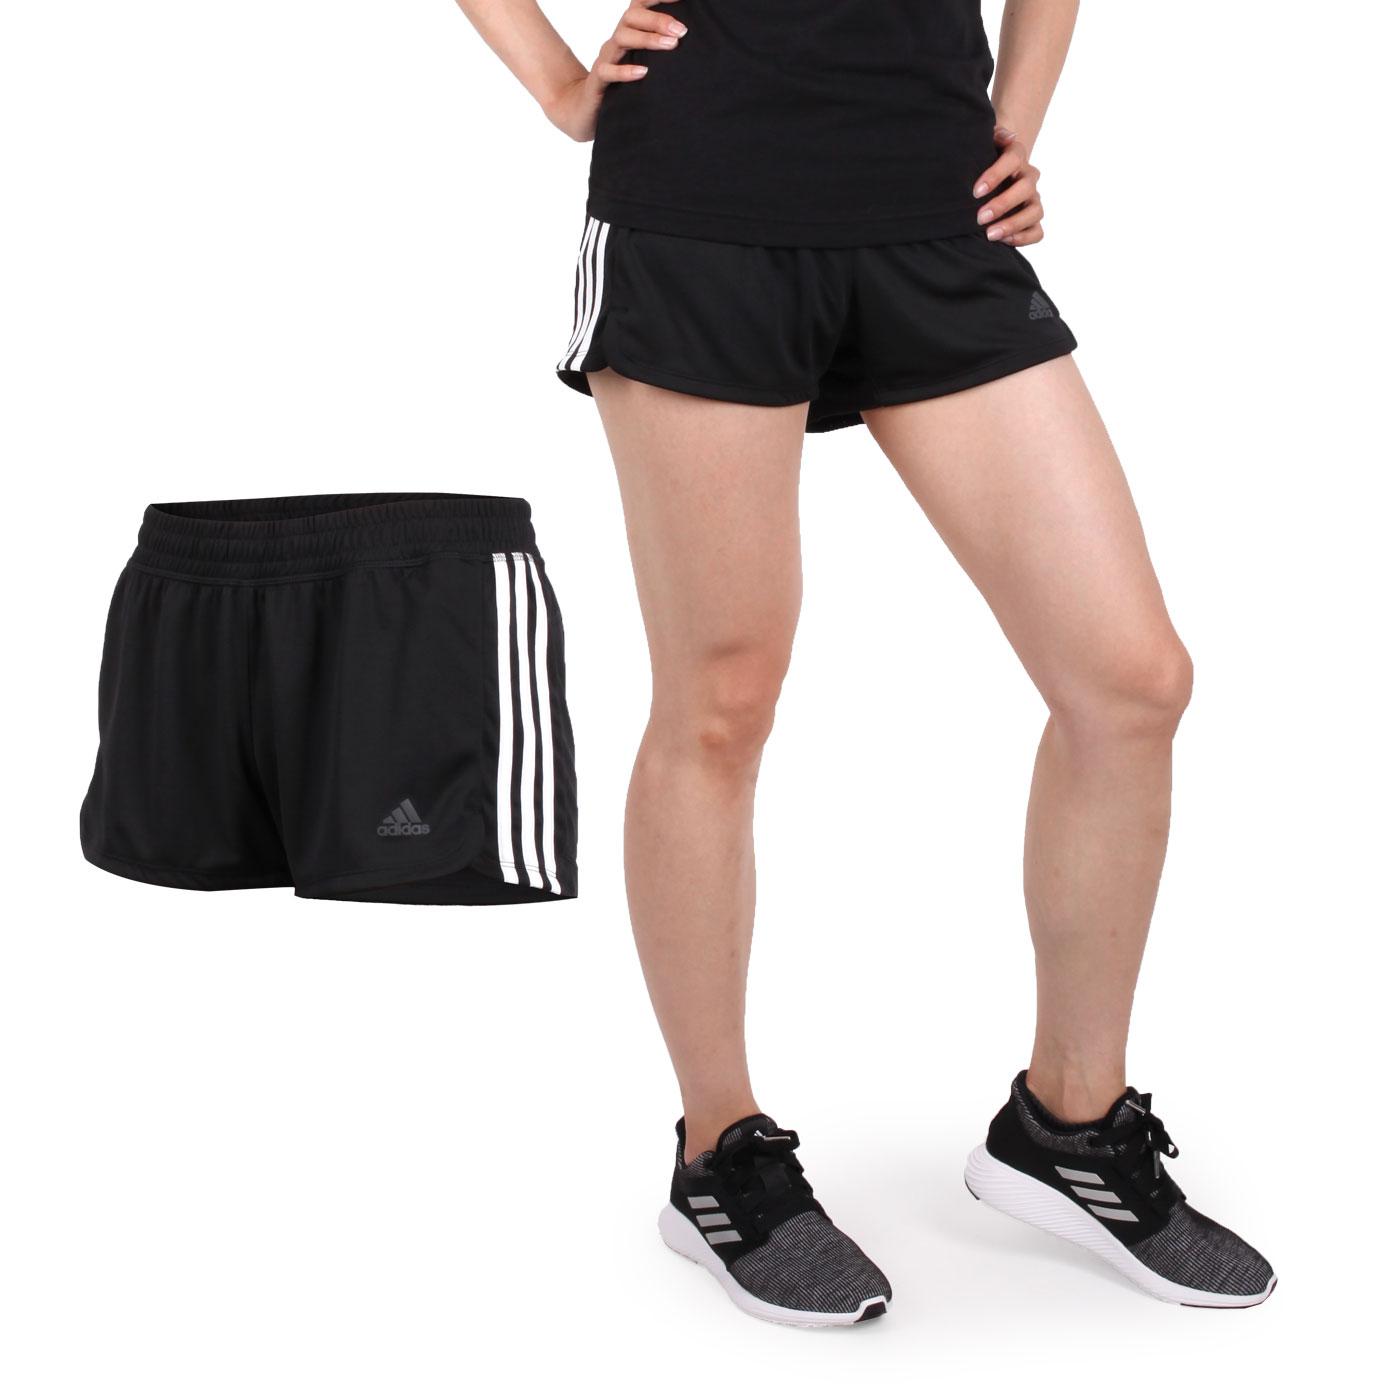 ADIDAS 女款運動短褲 DU3502 - 黑白